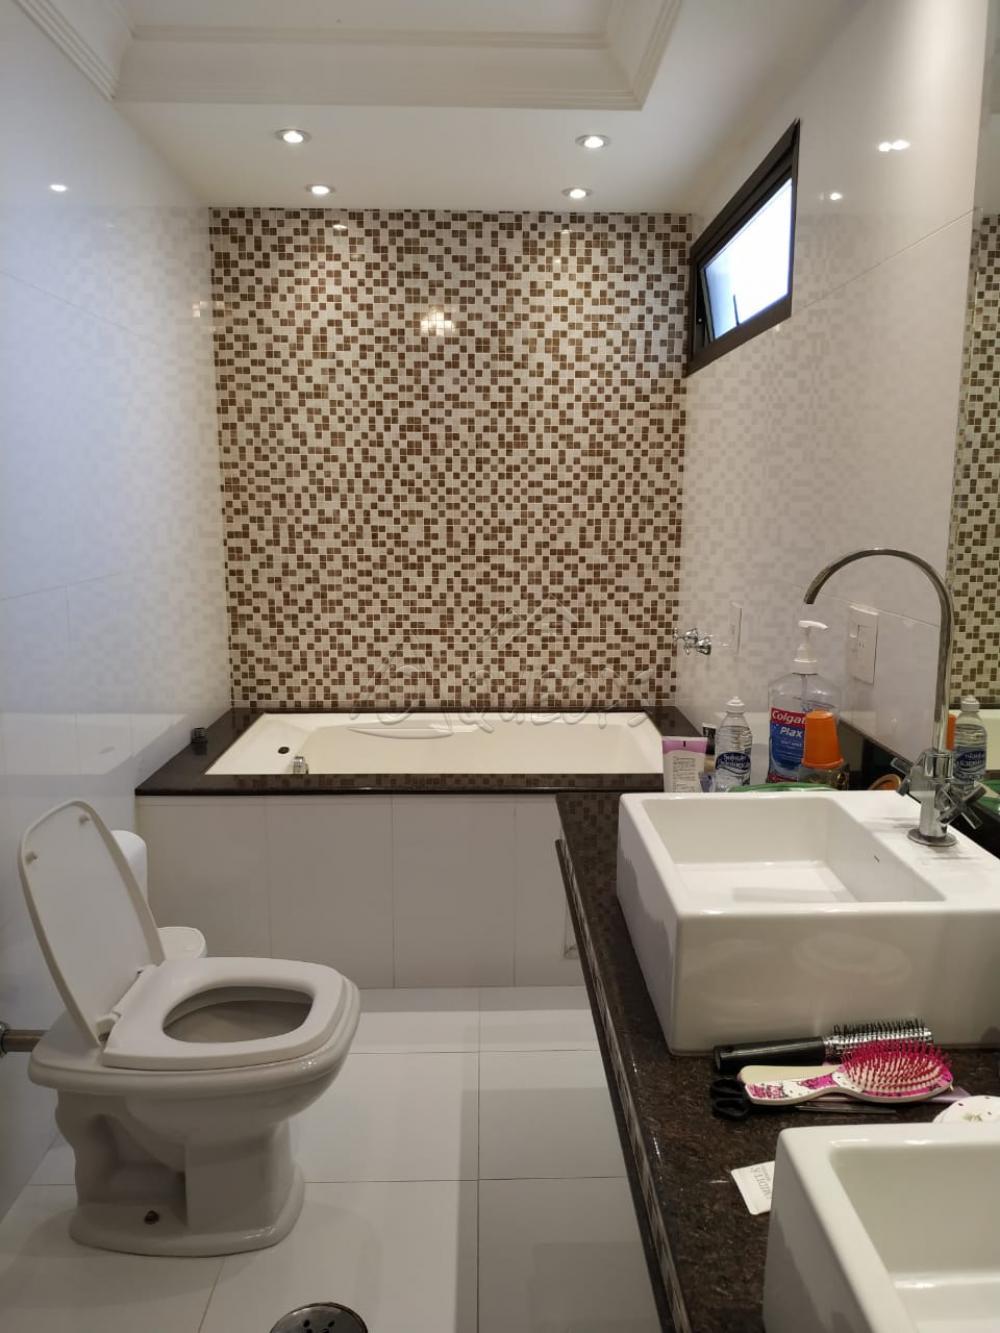 Comprar Apartamento / Padrão em Barretos apenas R$ 1.200.000,00 - Foto 23